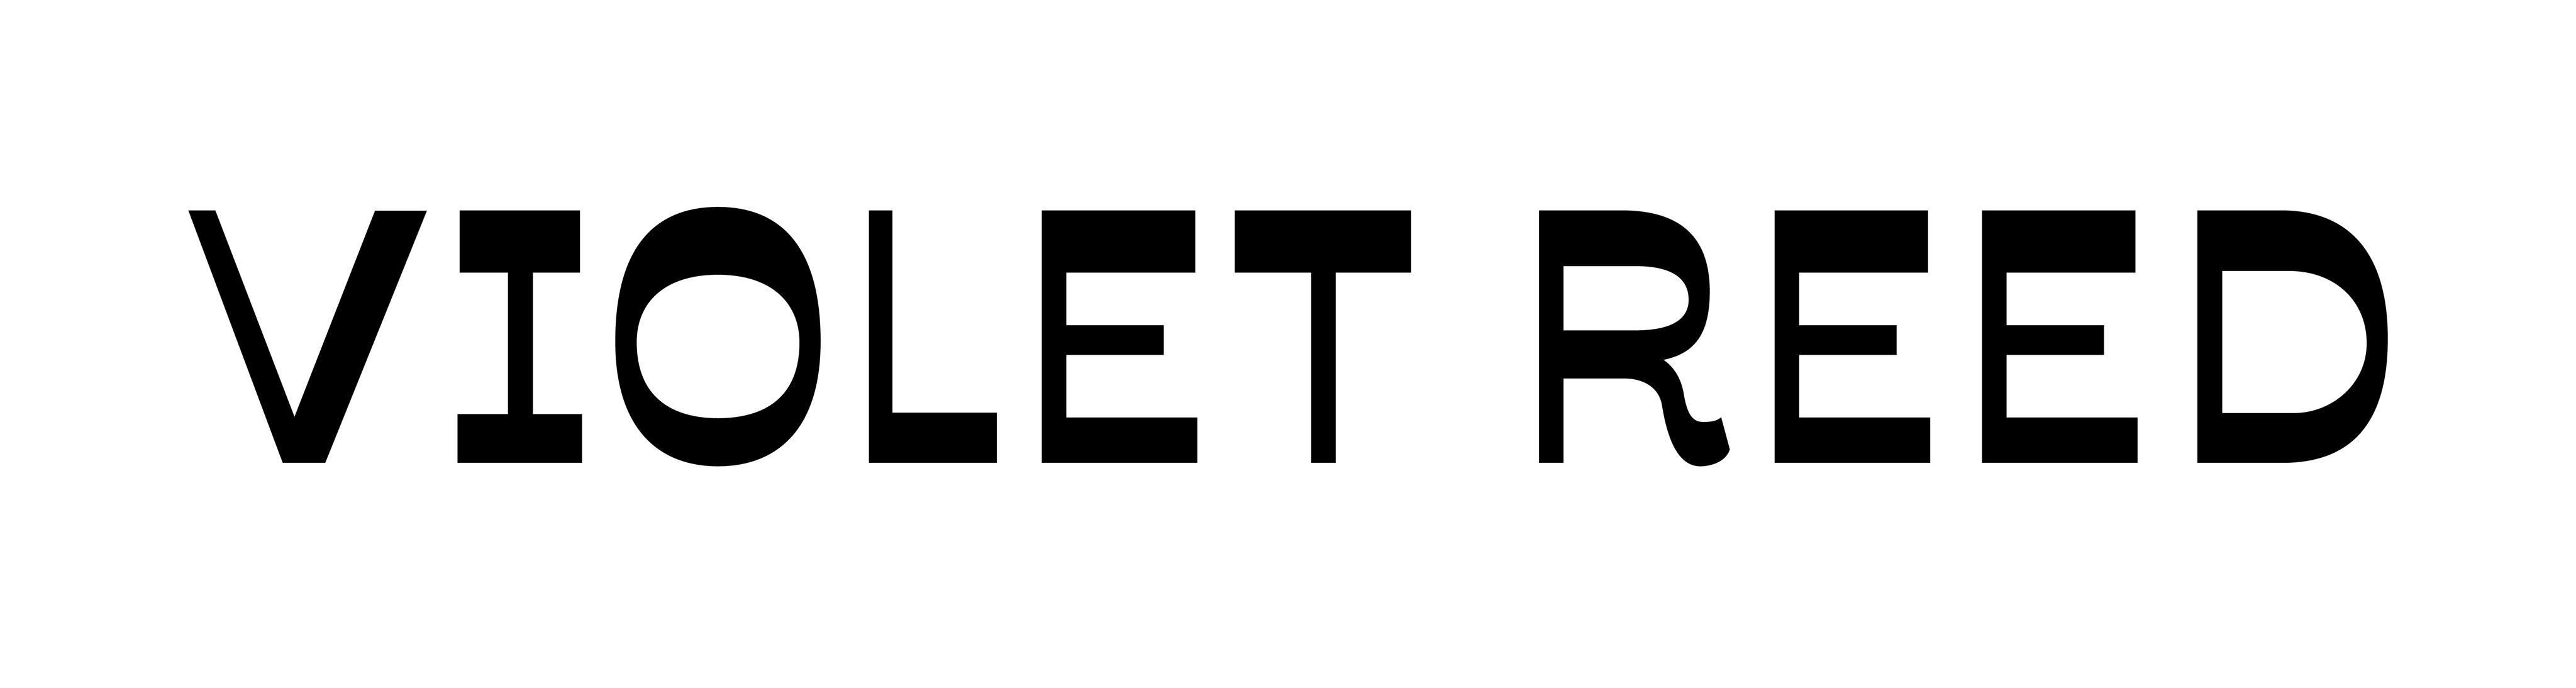 Violet Reed